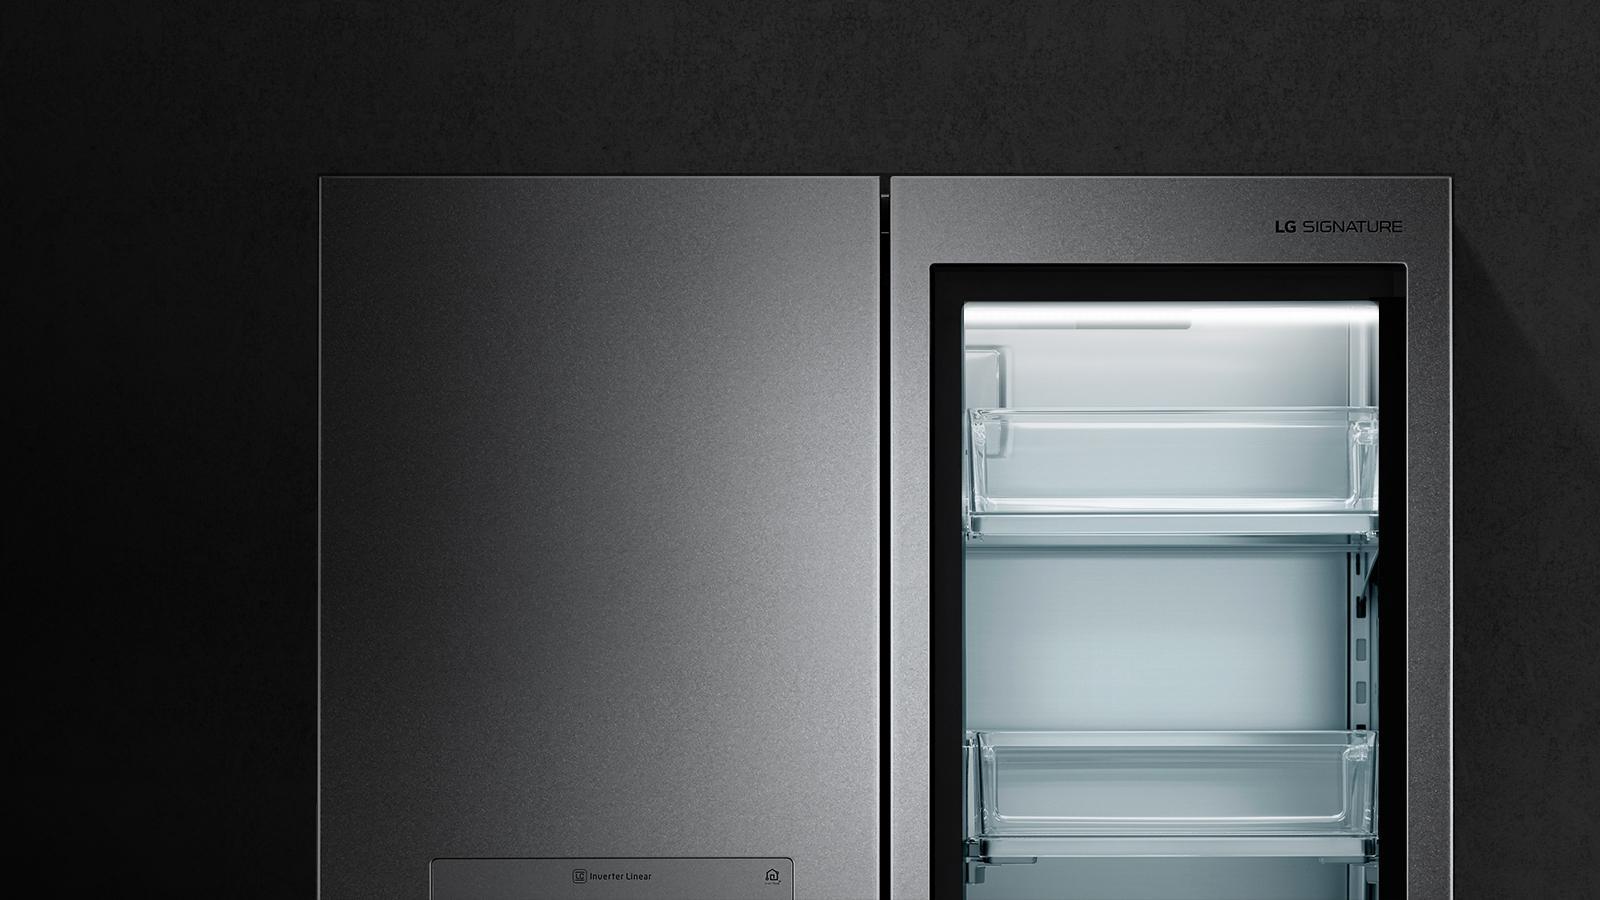 Lg Lupxs3186n Instaview Door In Smart Refrigerator Usa Open Alarm Circuit Electronic Projects Instaviewdoor